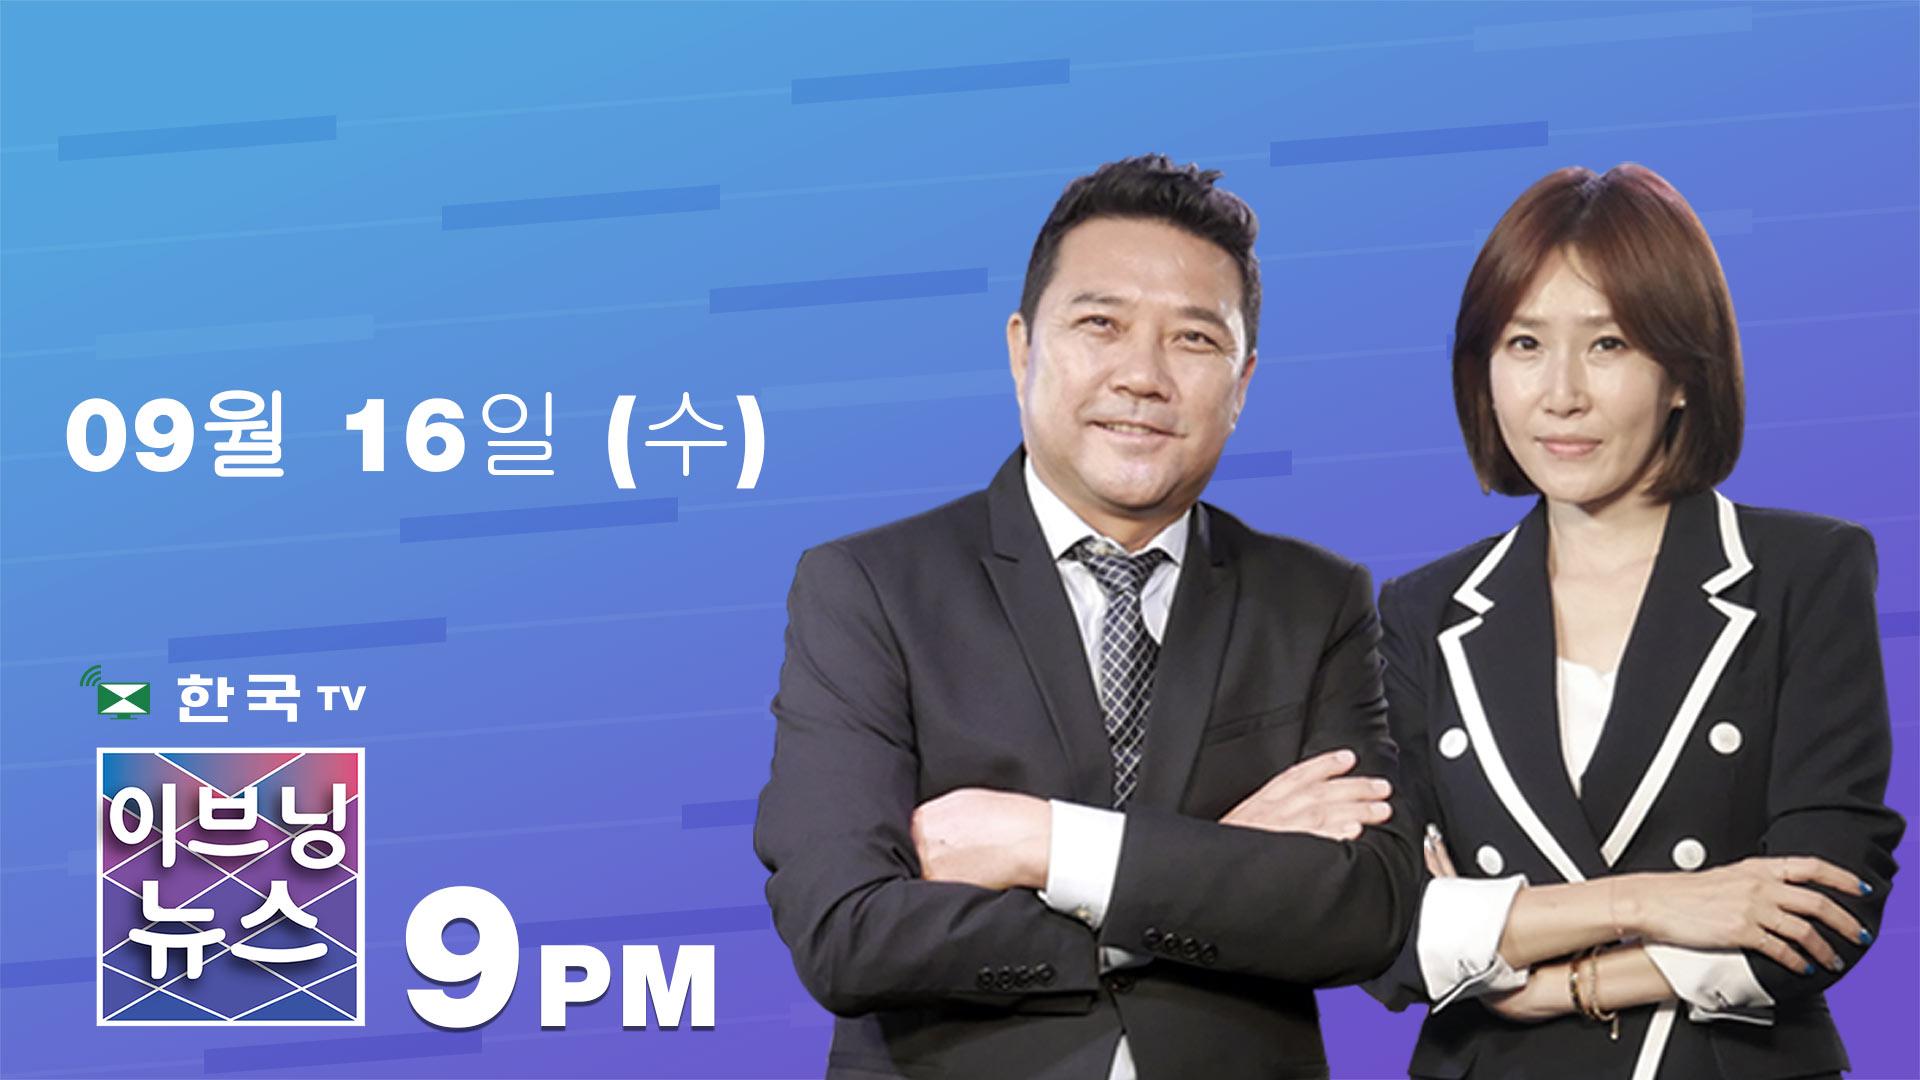 (09.16.2020) 한국TV 이브닝 뉴스